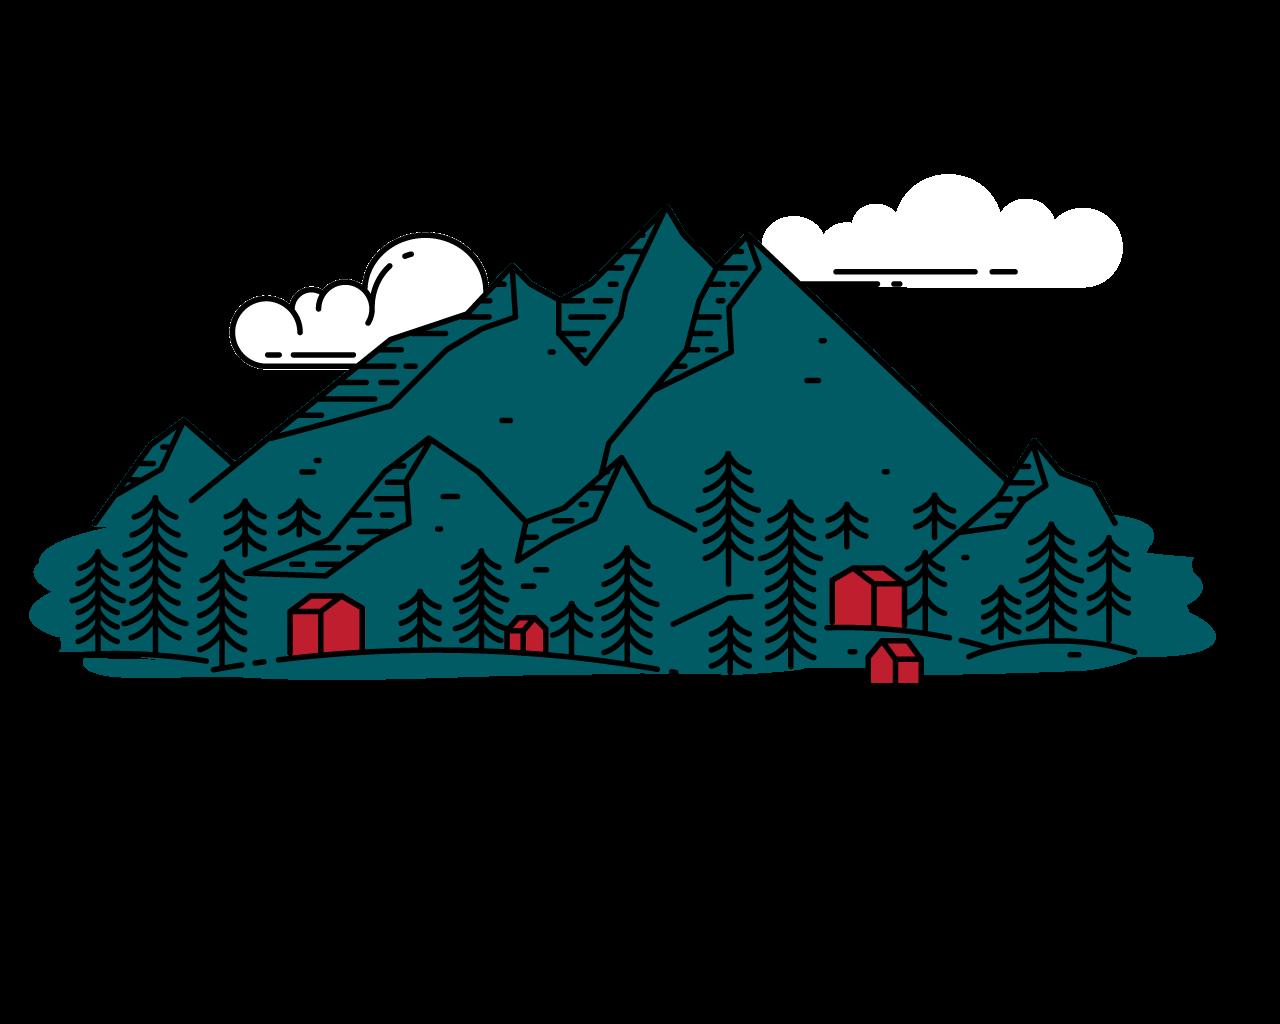 Kitsumkalum lands-logo-piece-2017